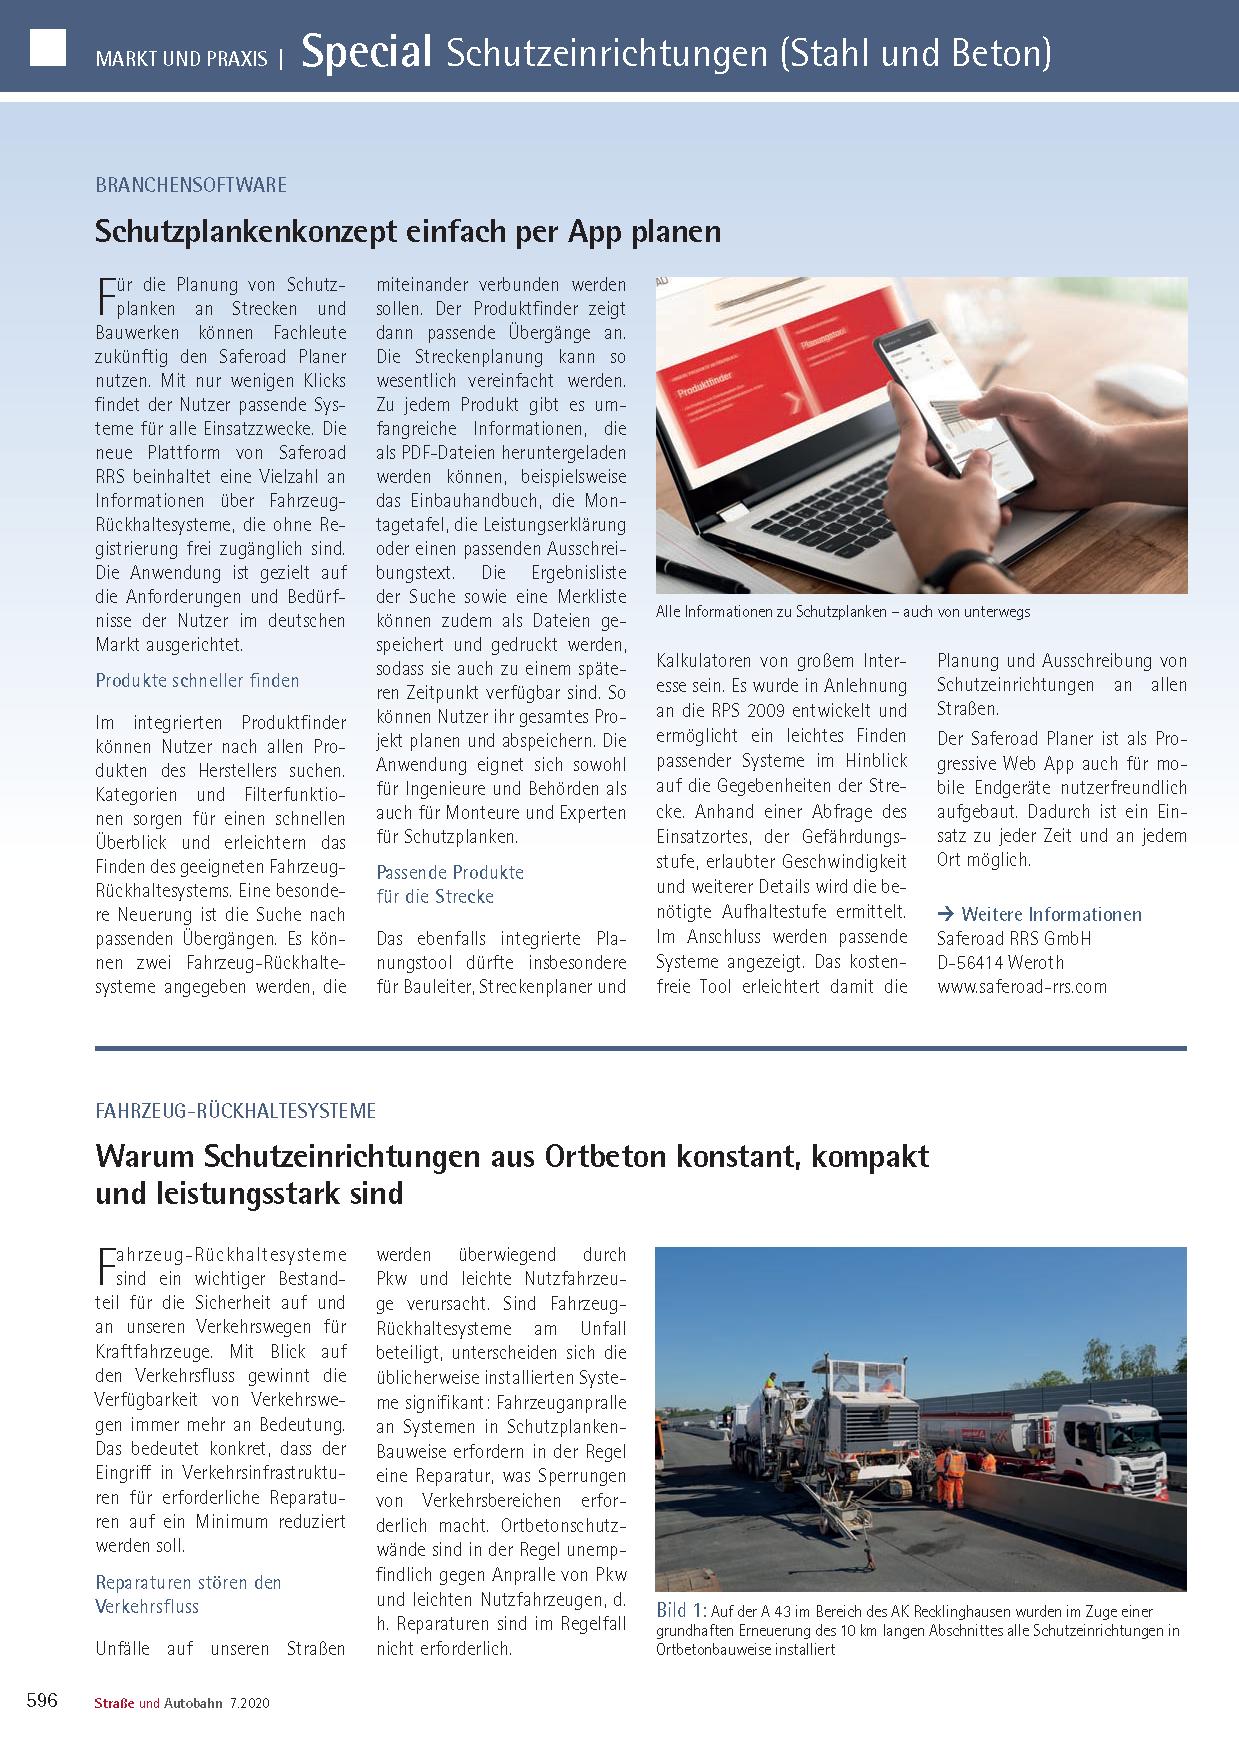 Redaktioneller Beitrag von Linetech für Straße und Autobahn